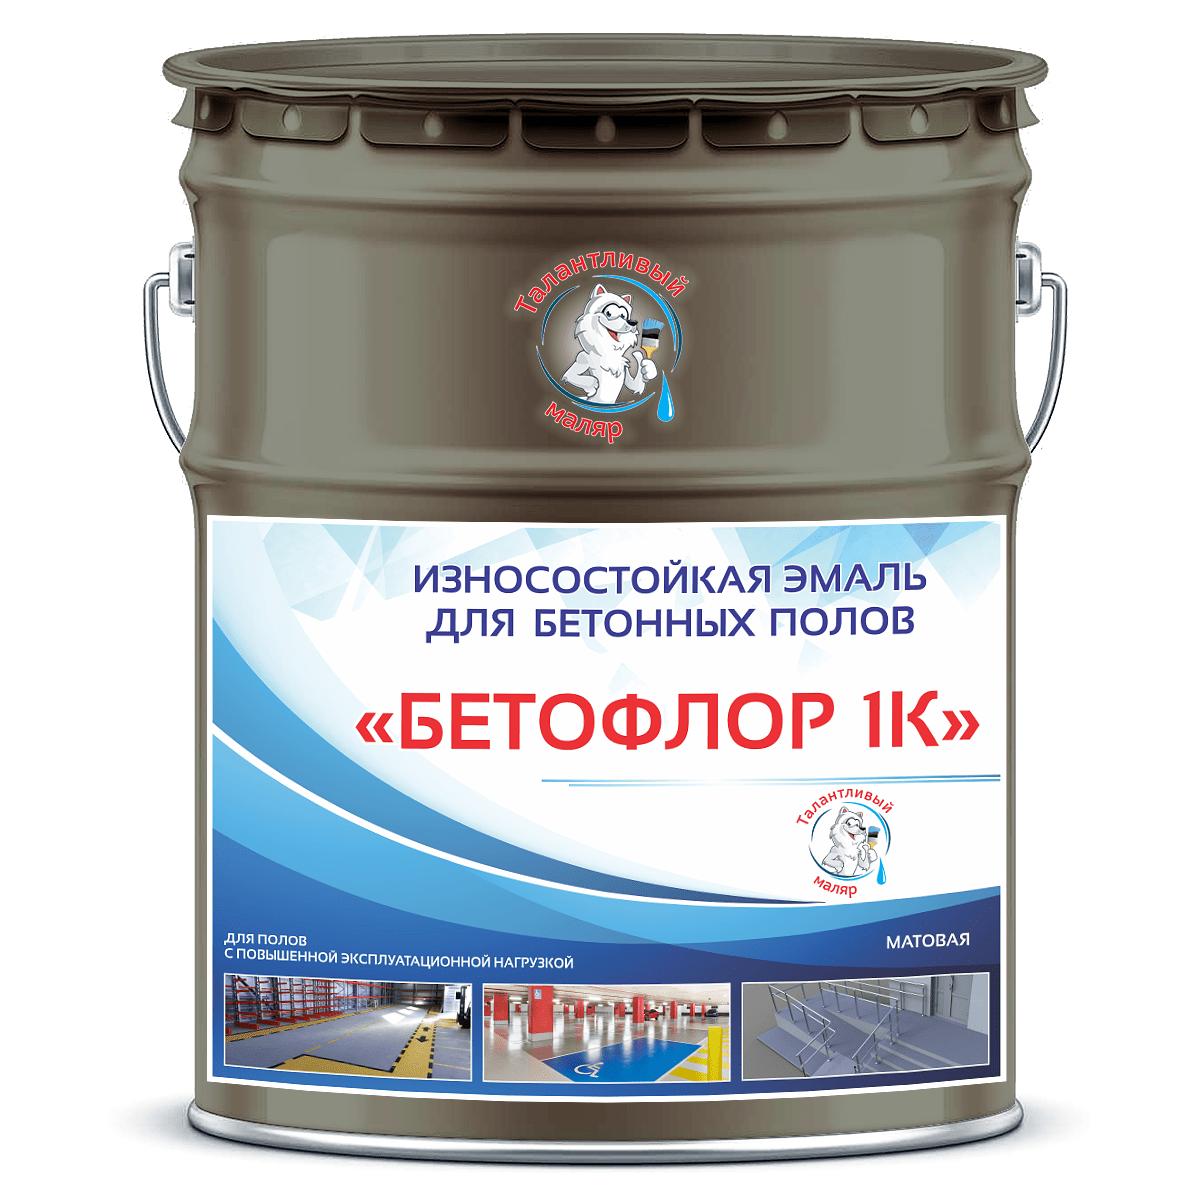 """Фото 24 - BF7033 Эмаль для бетонных полов """"Бетофлор"""" 1К цвет RAL 7033 Серый цемент, матовая износостойкая, 25 кг """"Талантливый Маляр""""."""